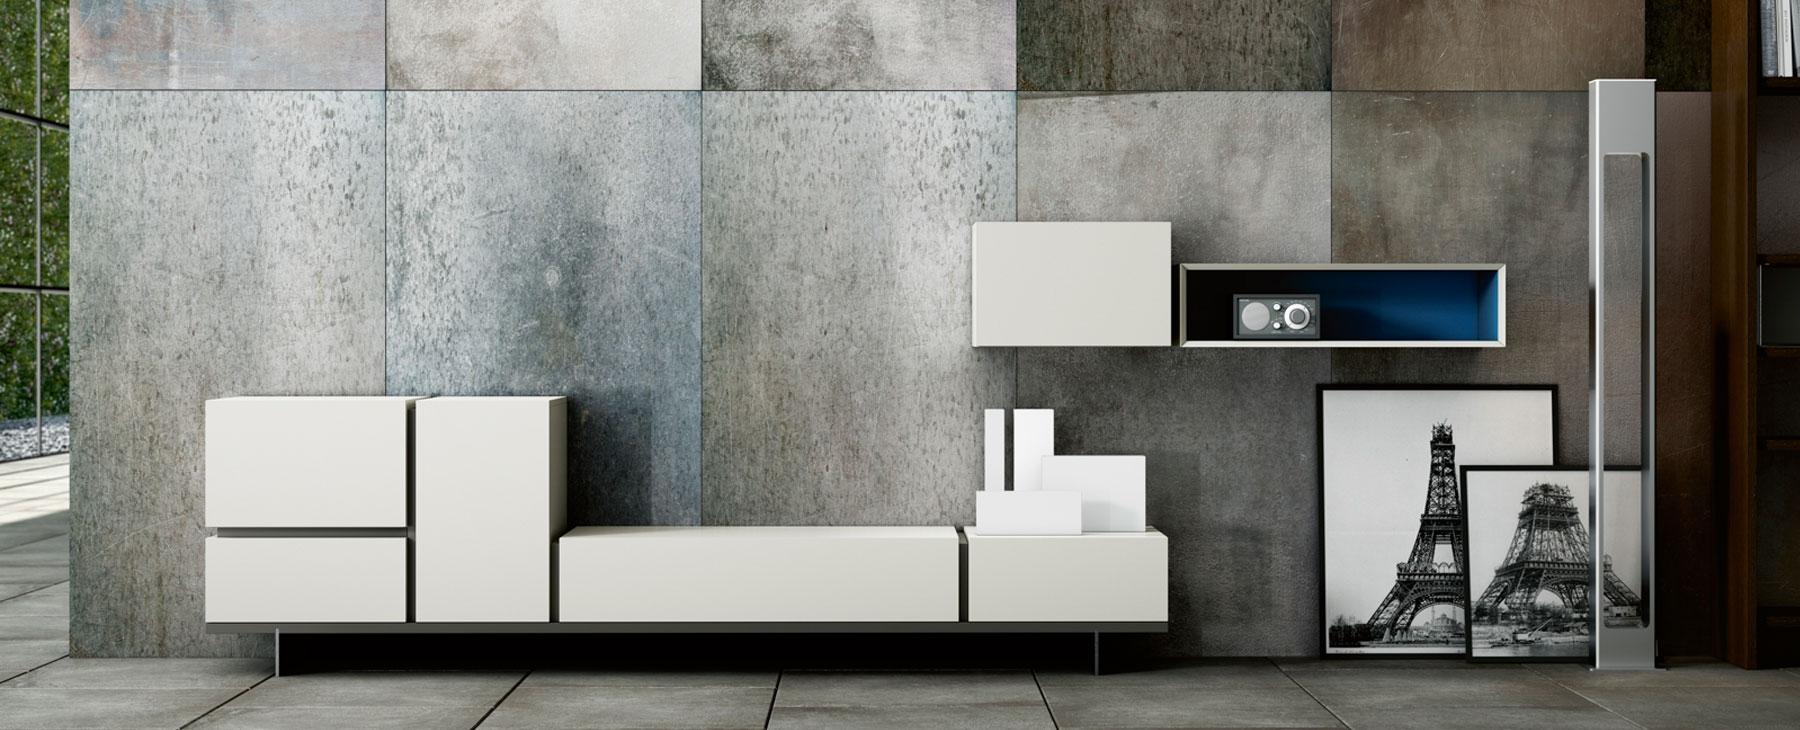 Muebles de televisin mueble de television blanco alaska for Muebles baratos alfafar